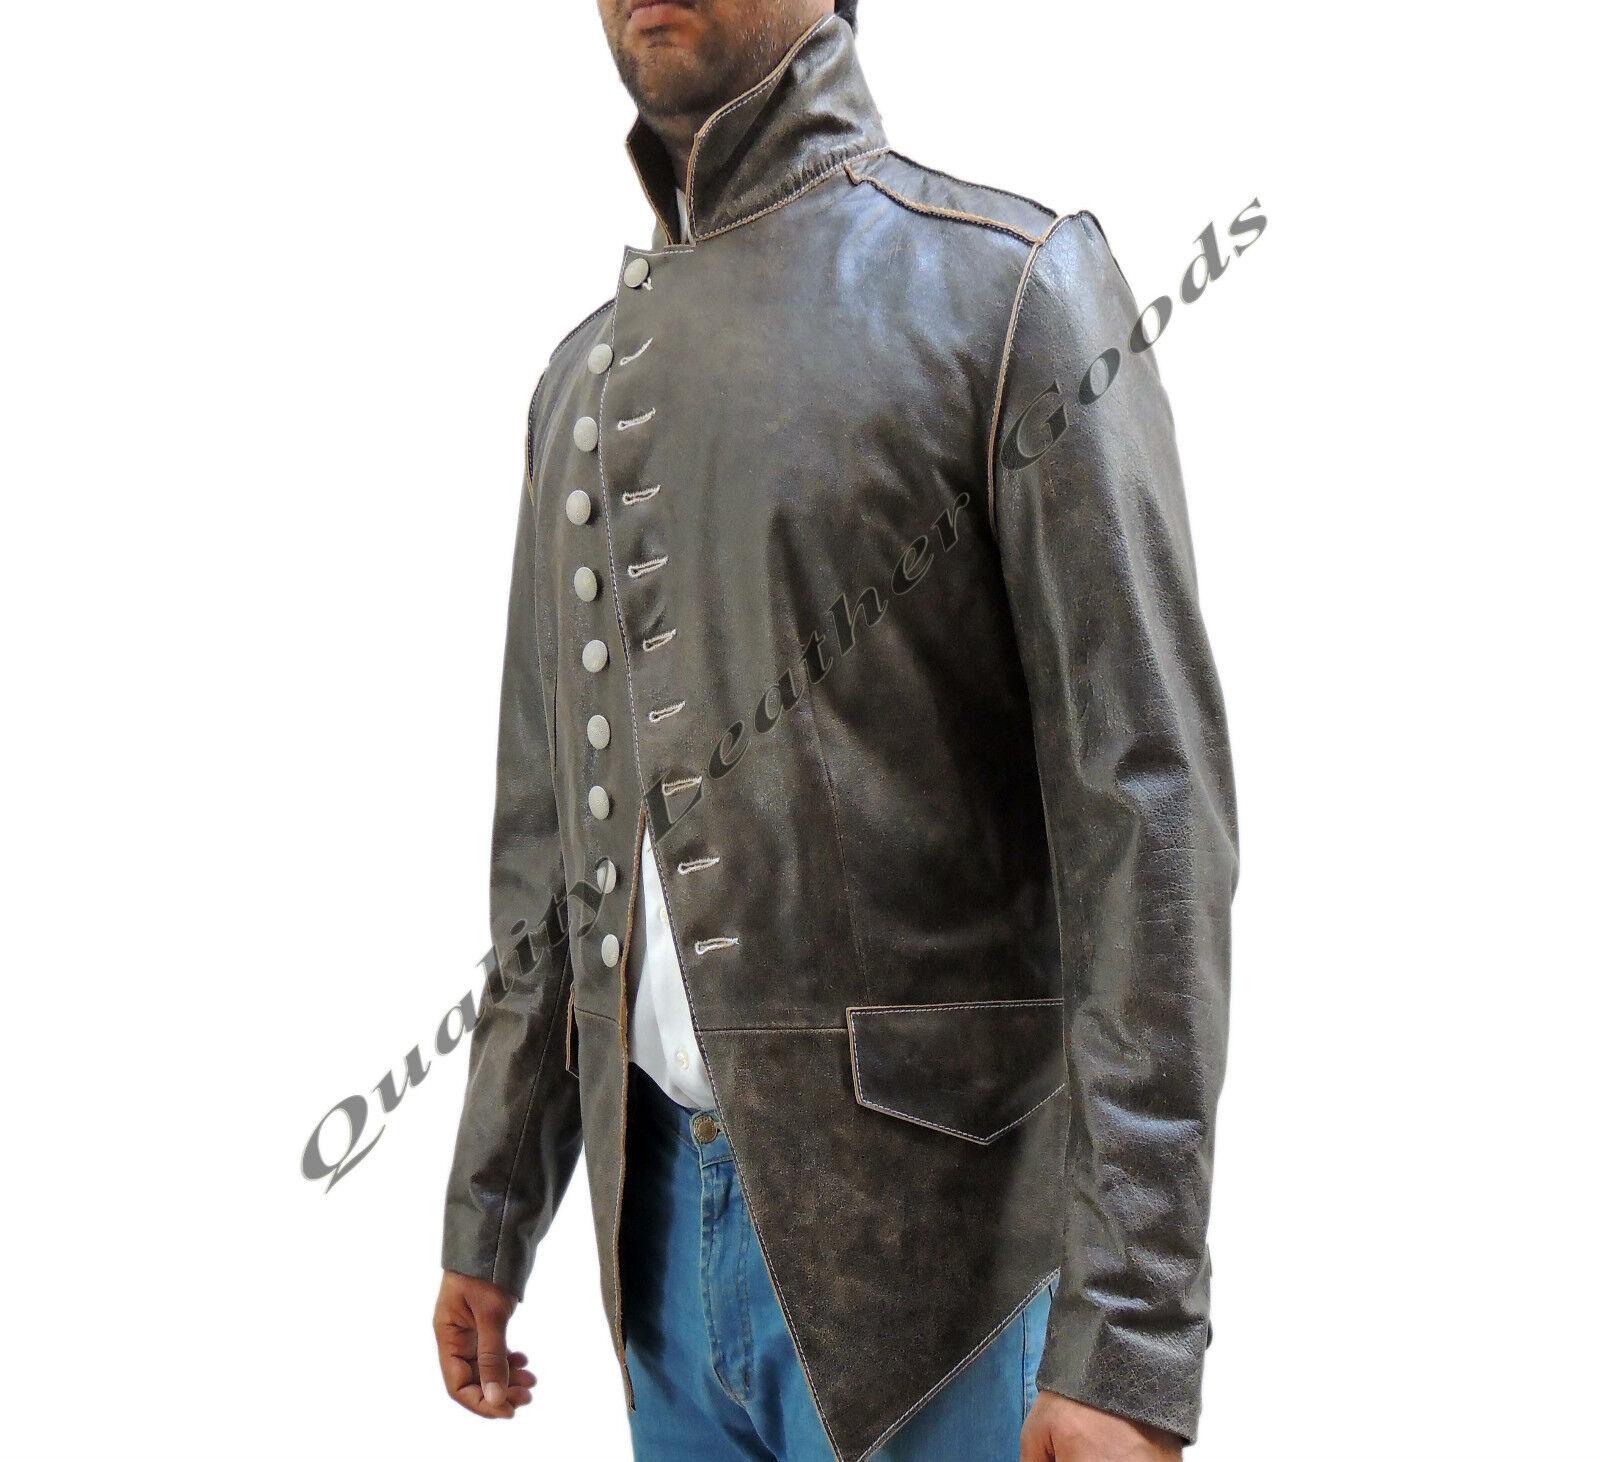 Artigianale Uomo Stile Militare Antico Pelle Marronee Steampunk Giacca BLUF